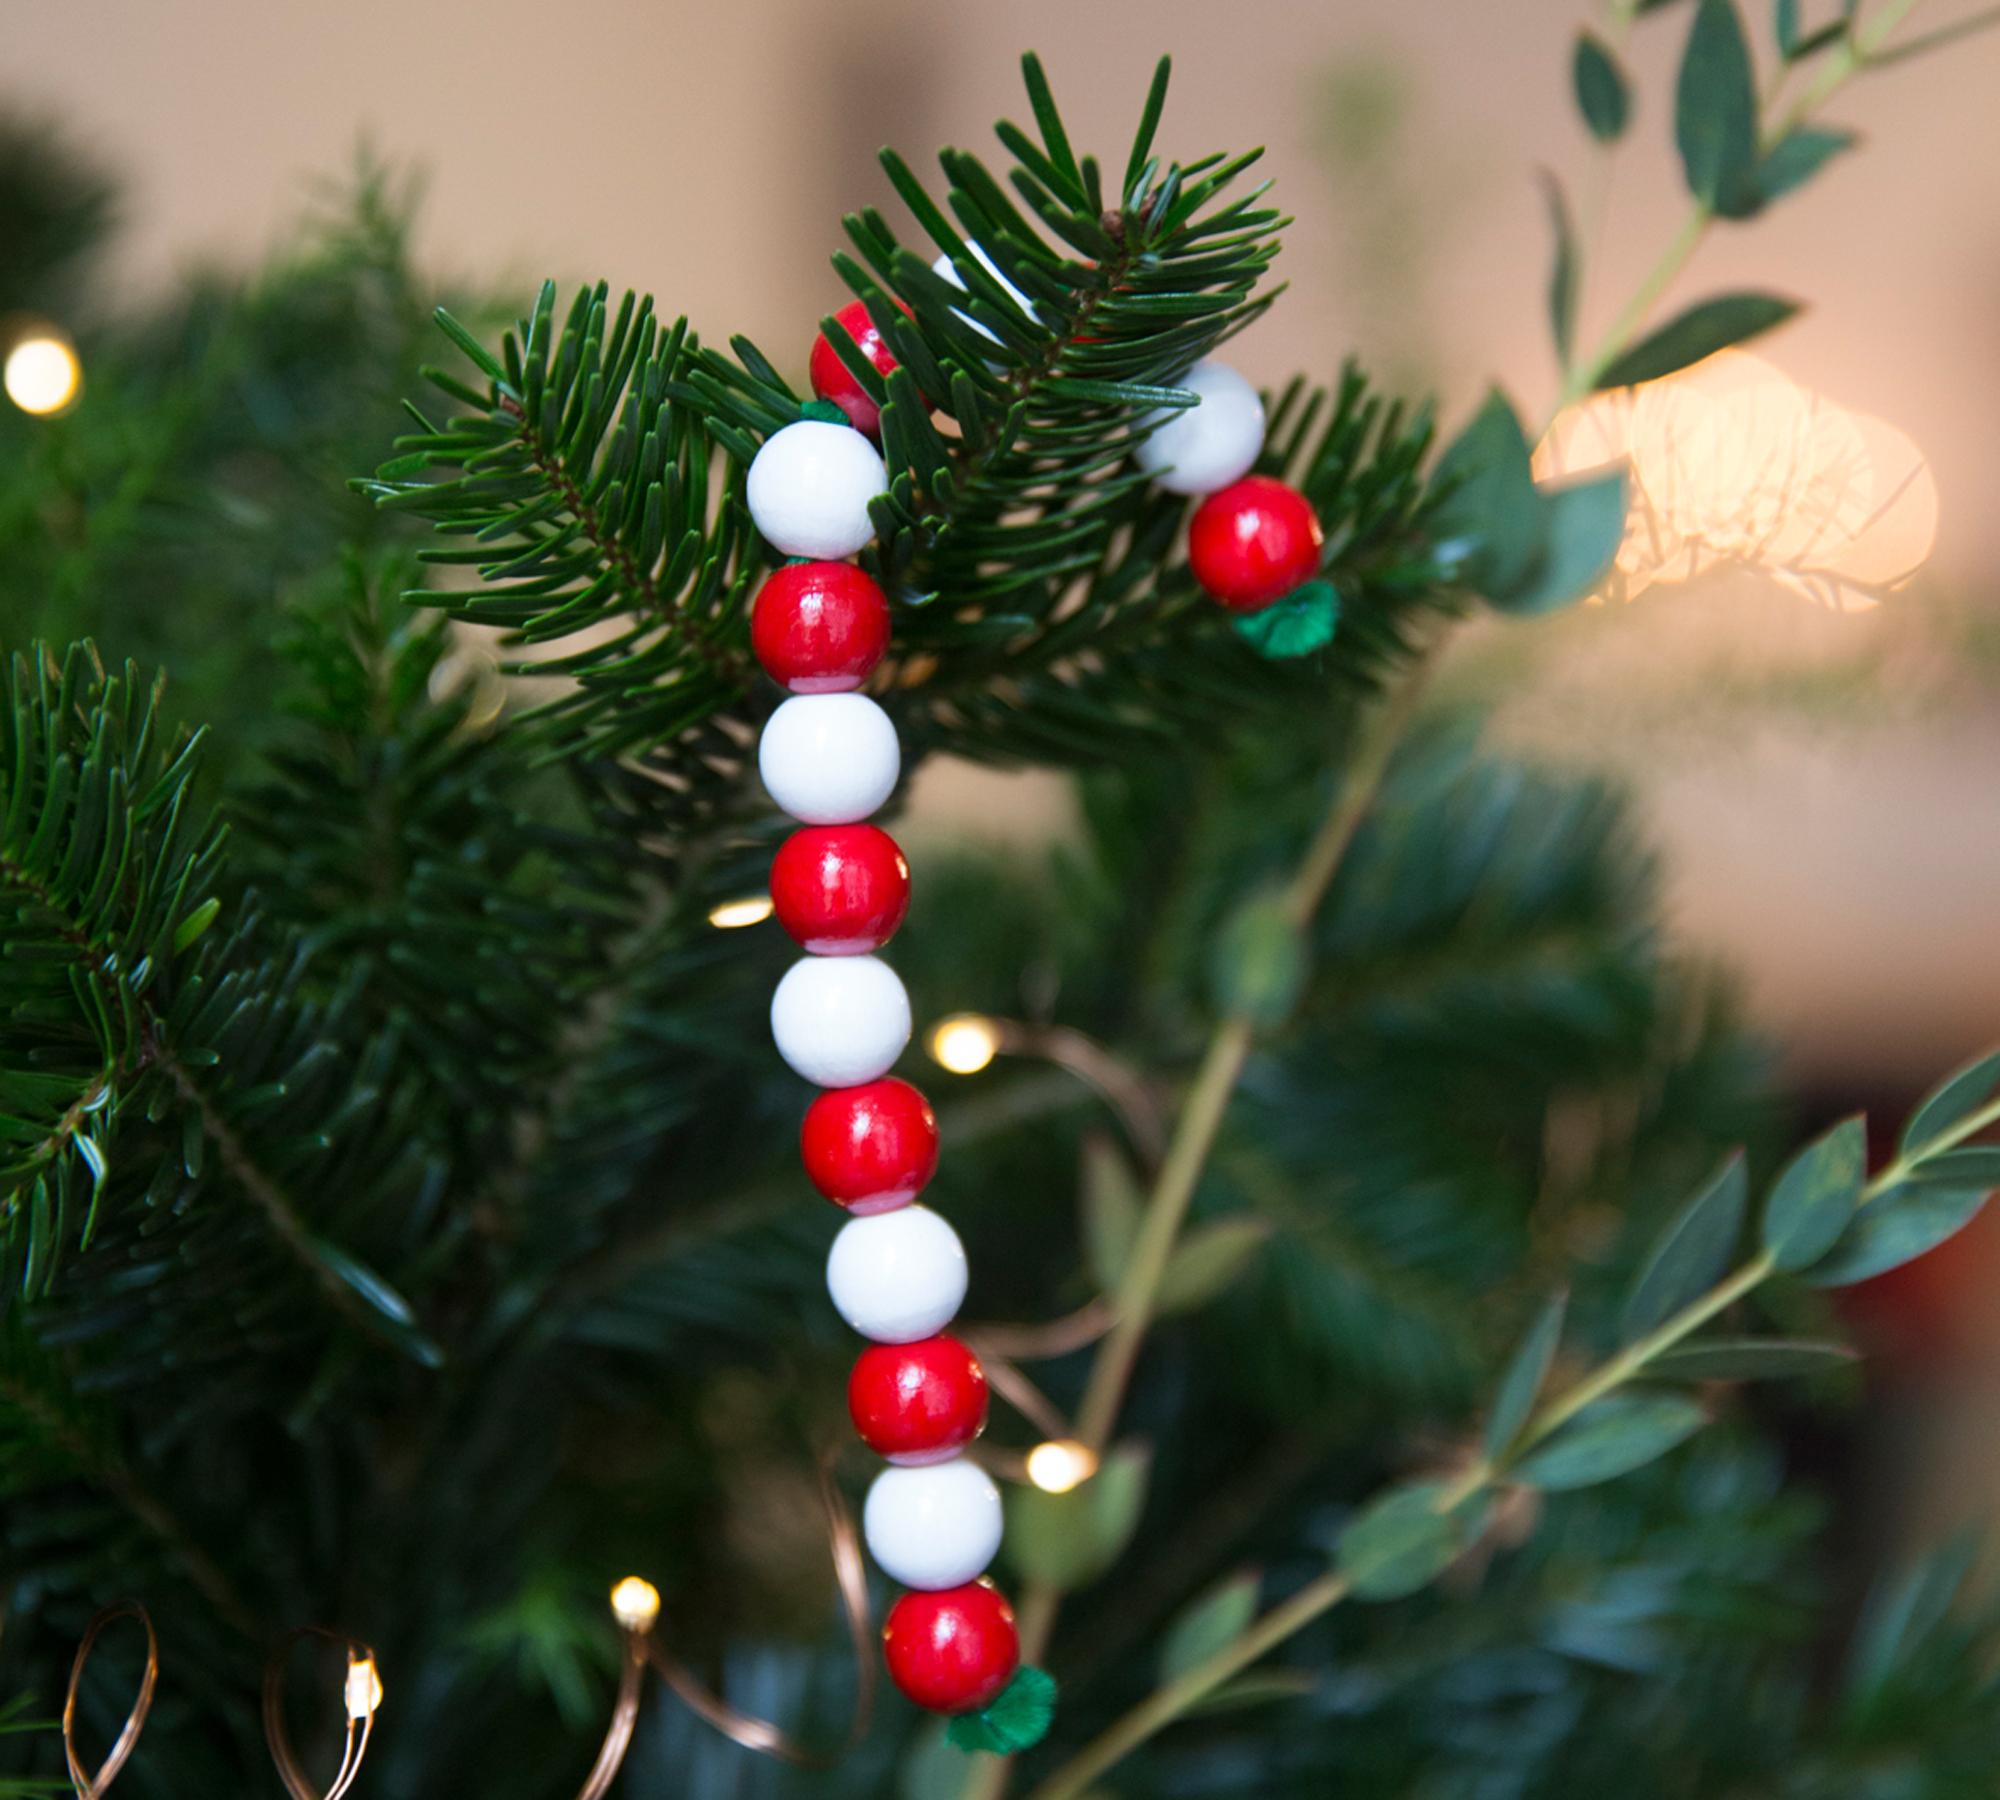 Mit Kinder basteln: DIY-Alibi-Zuckerstangen als Weihnachtsbaum-Deko // HIMBEER